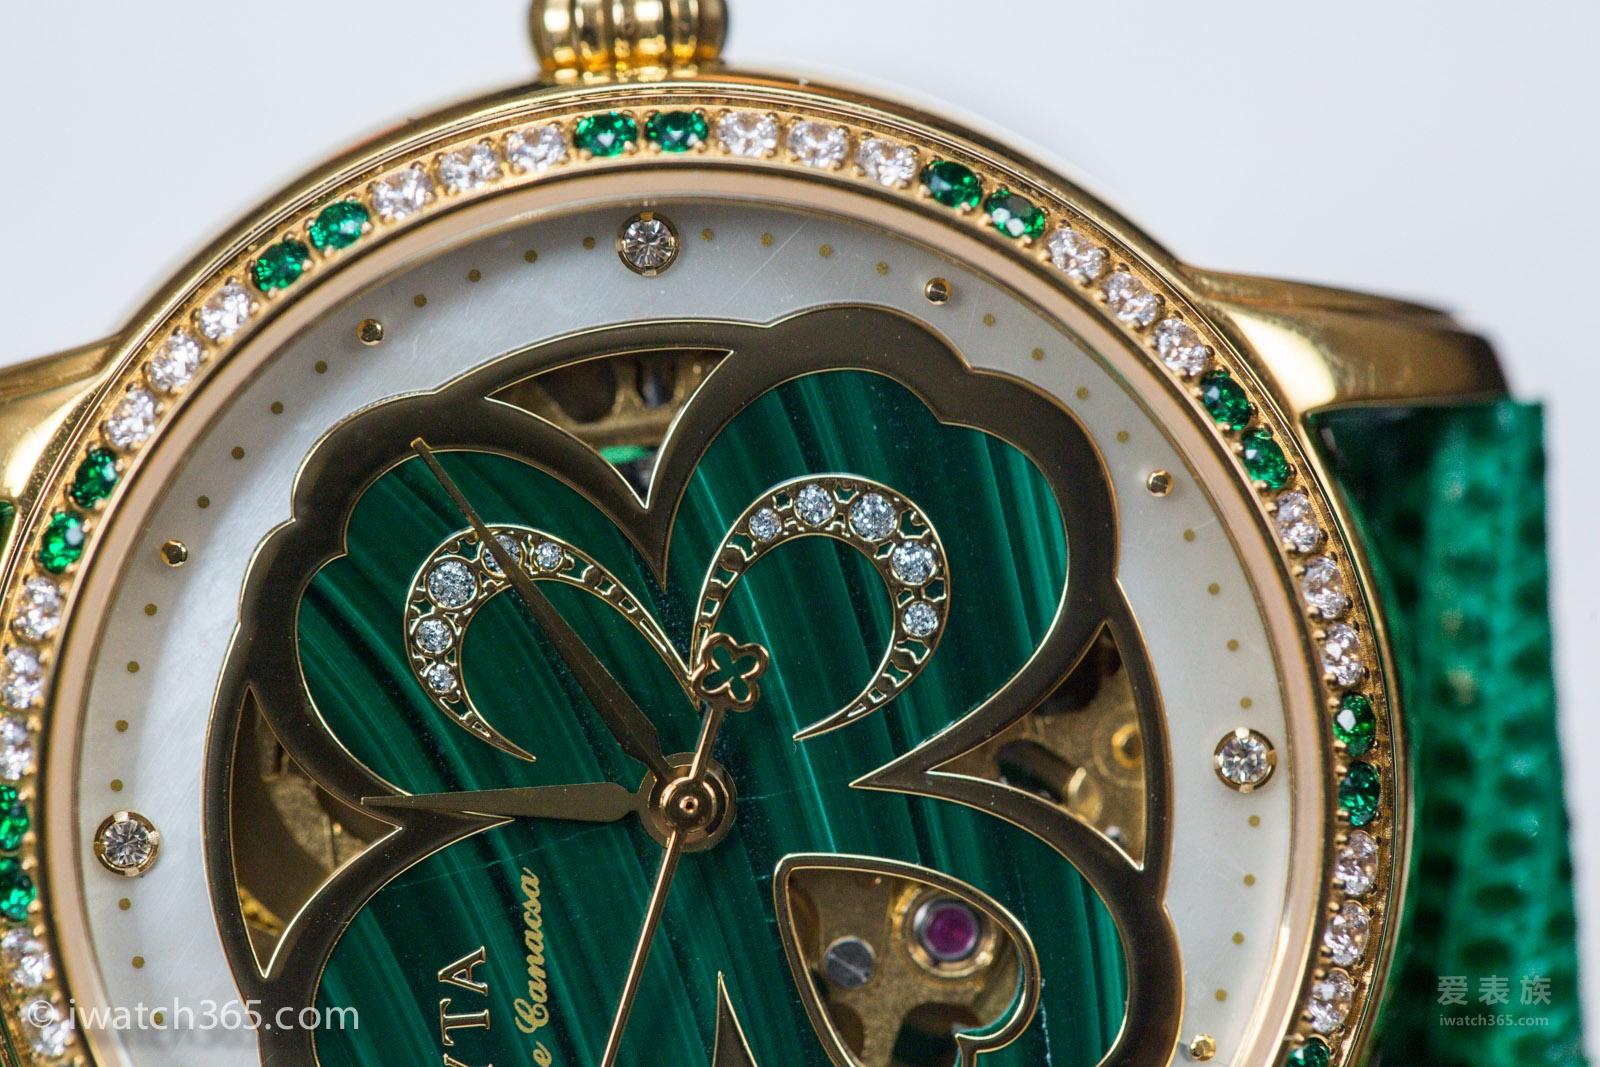 3.飞亚达四叶草&极限系列30周年纪念款腕表